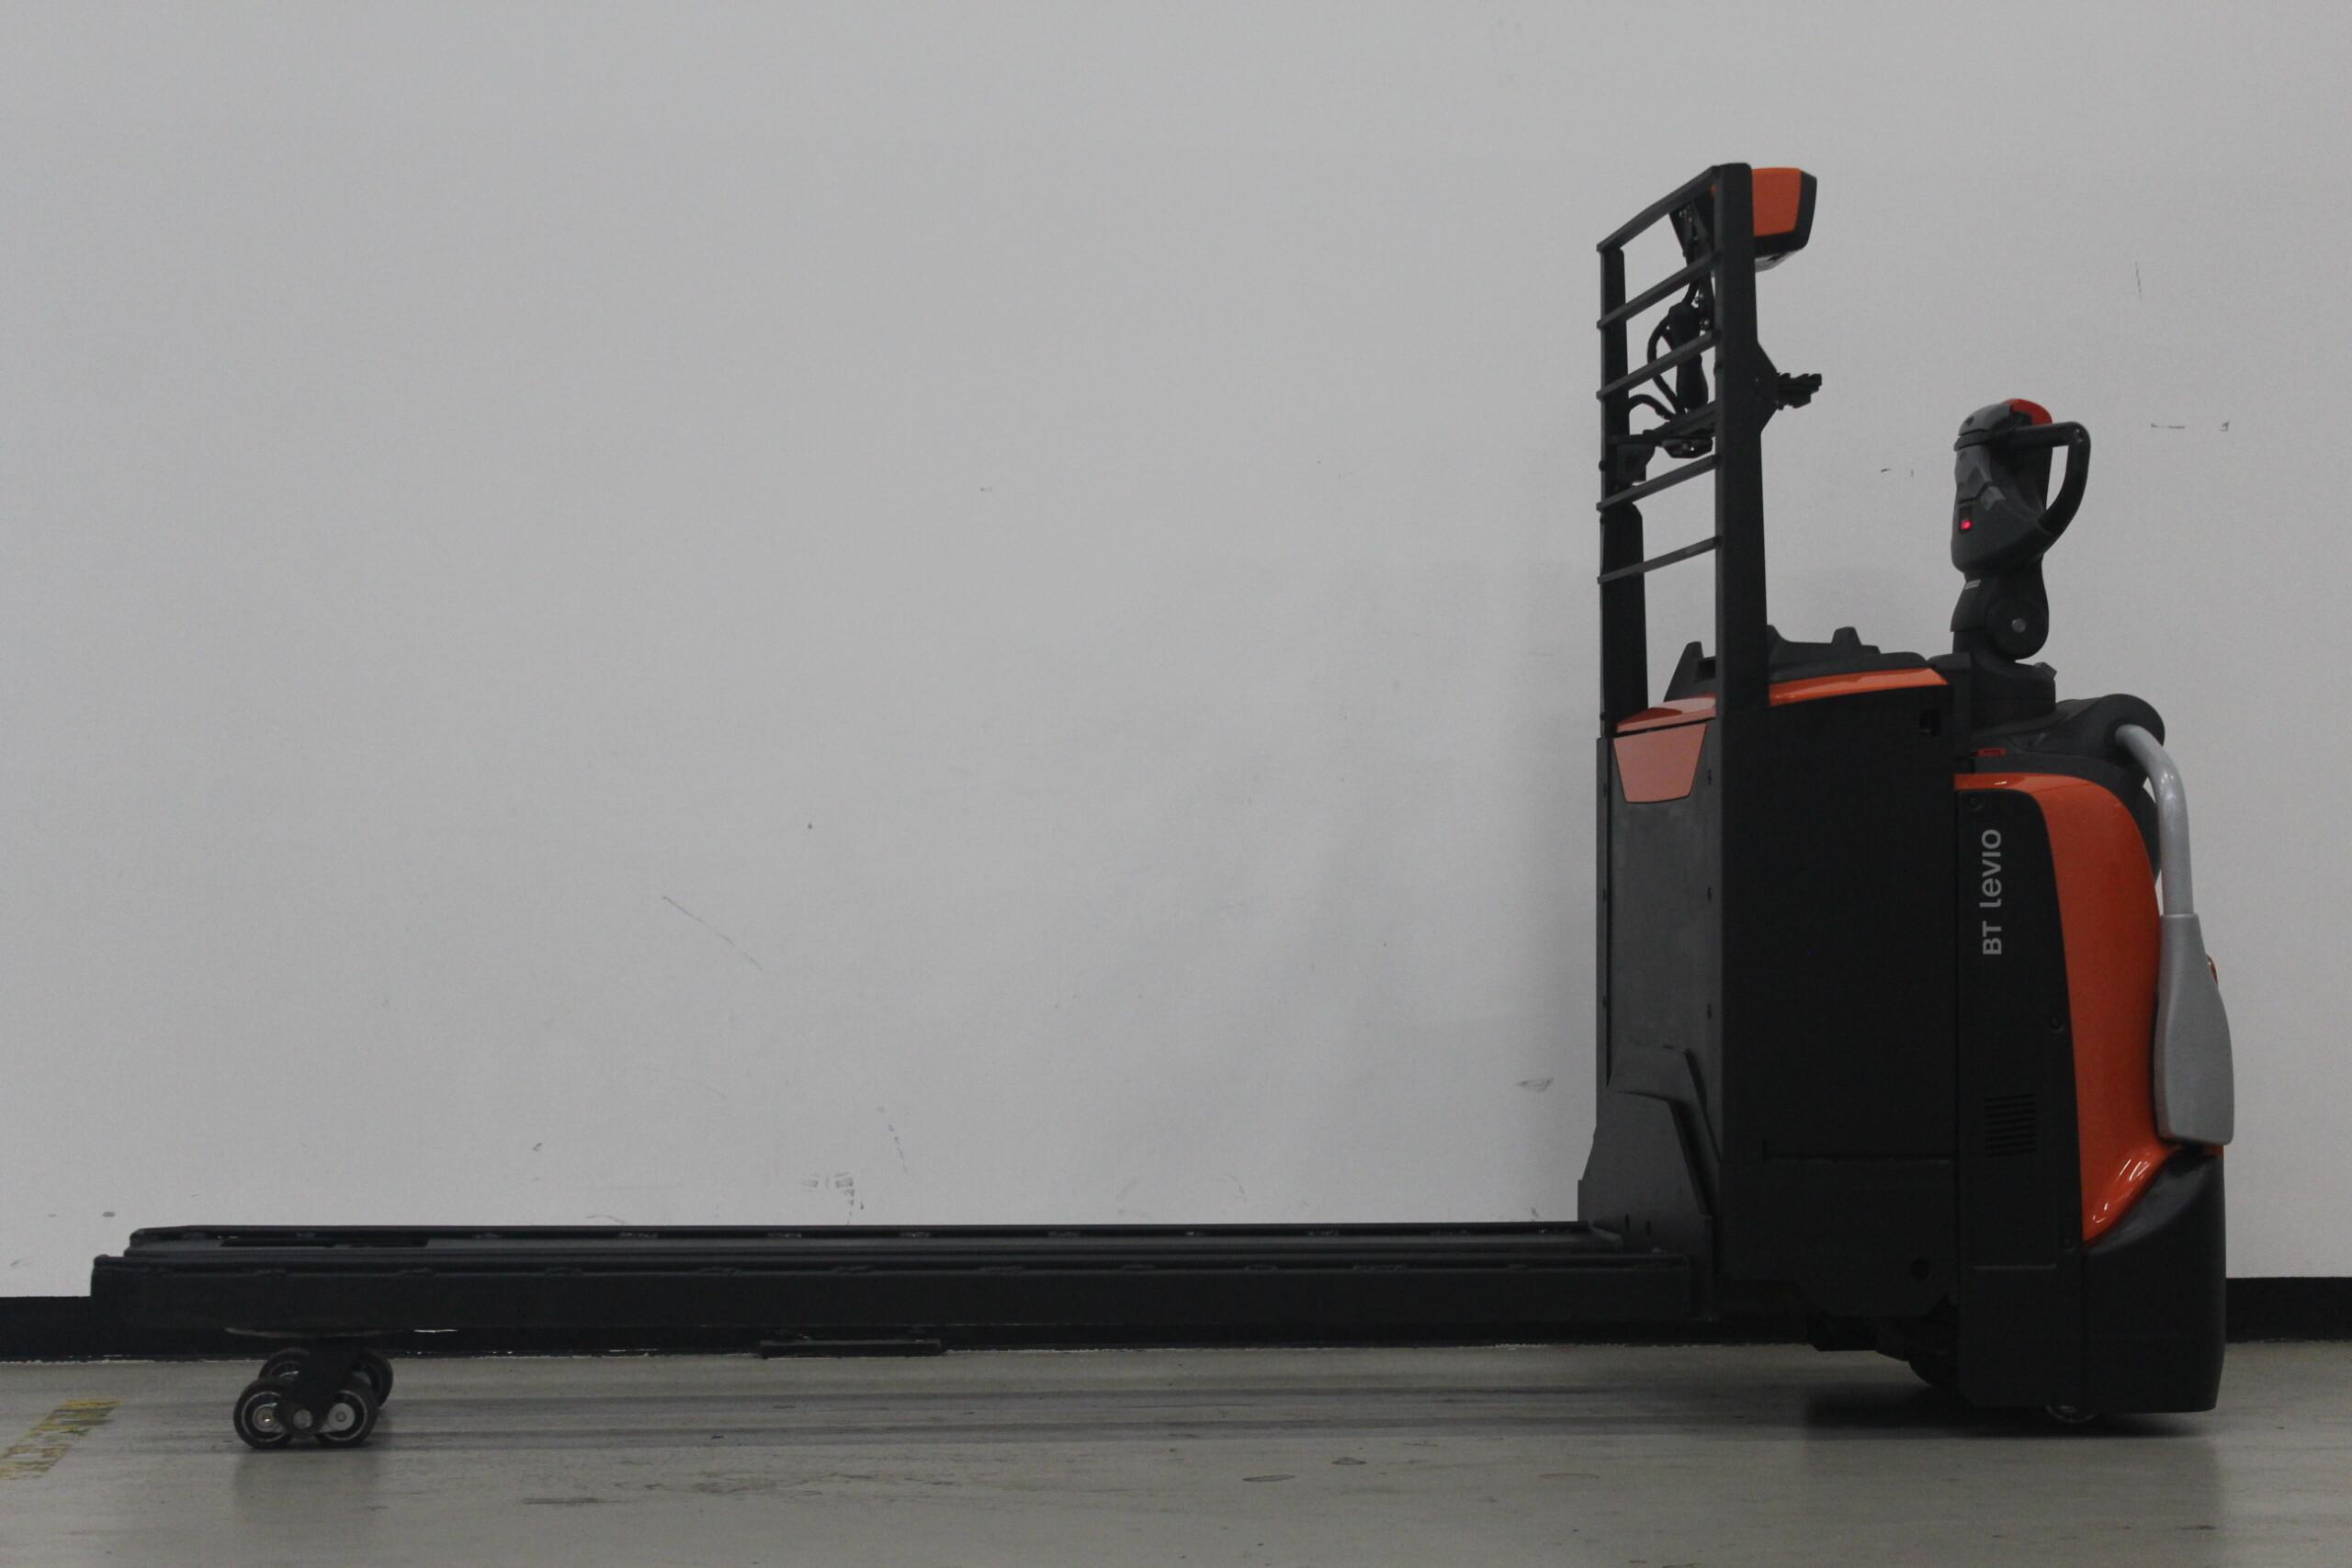 Toyota-Gabelstapler-59840 1503026853 1 30 scaled